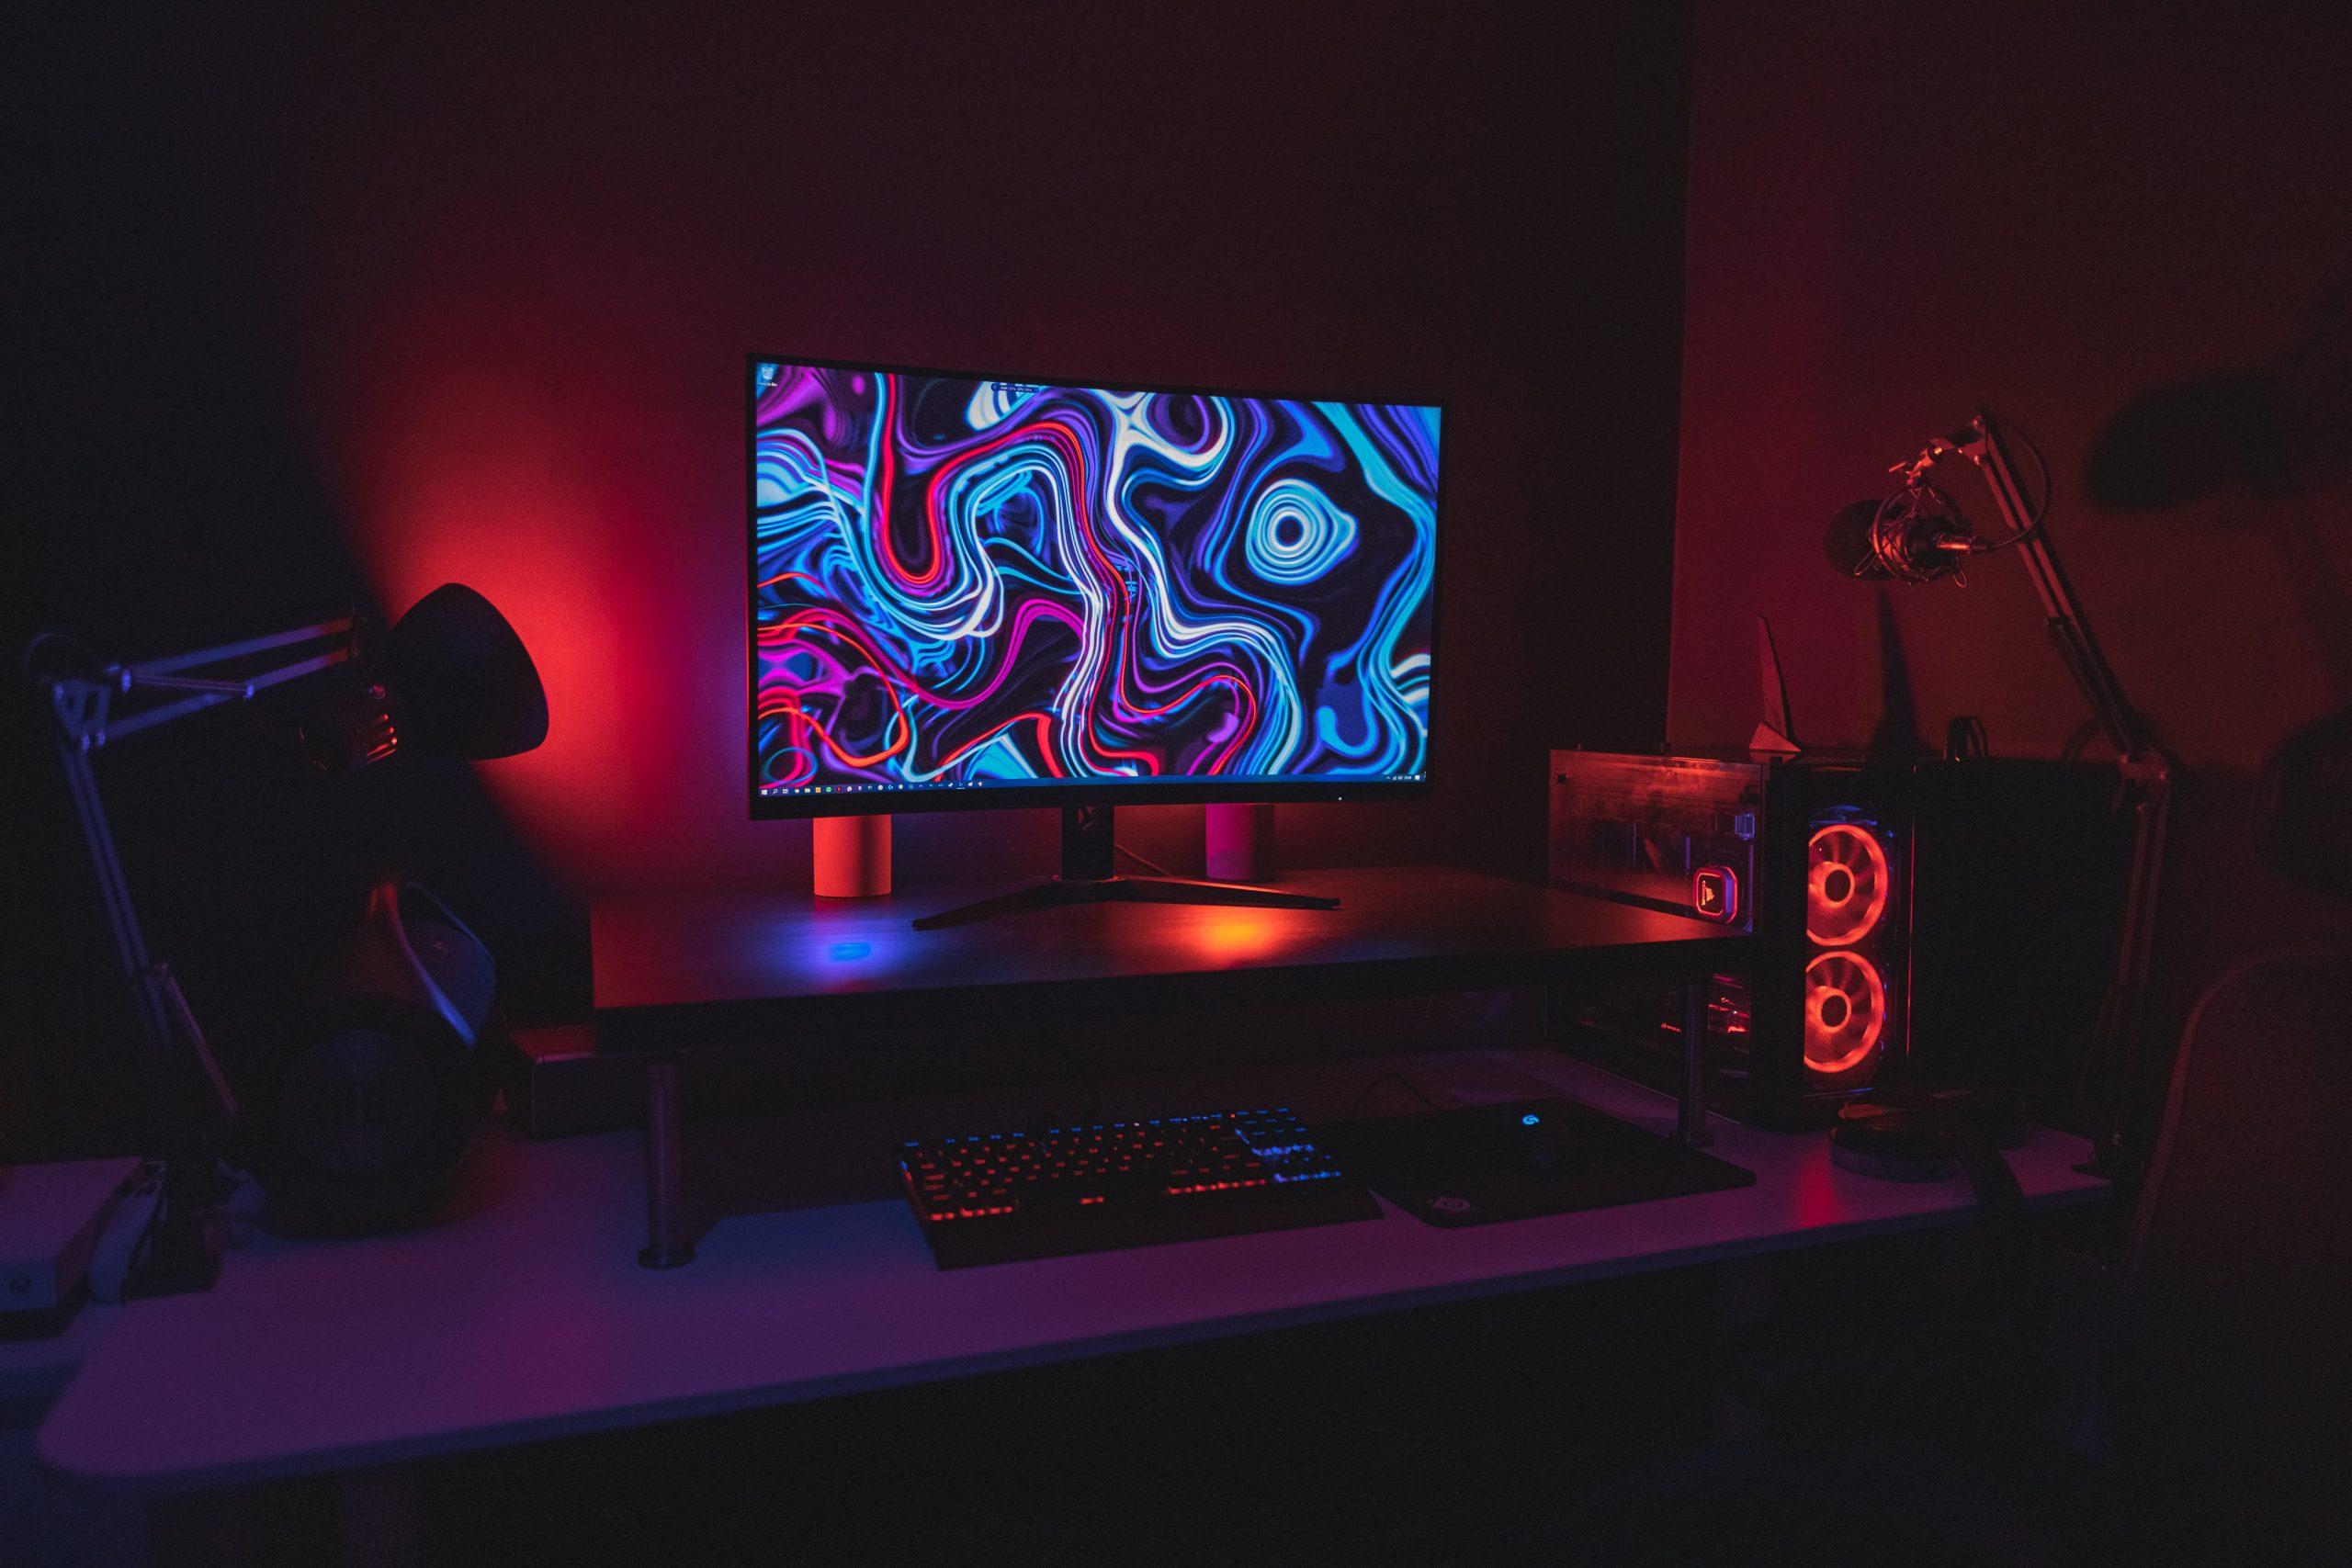 Computador gamer em cima de uma mesa gamer, em uma sala escura com luzes RGB em destaque